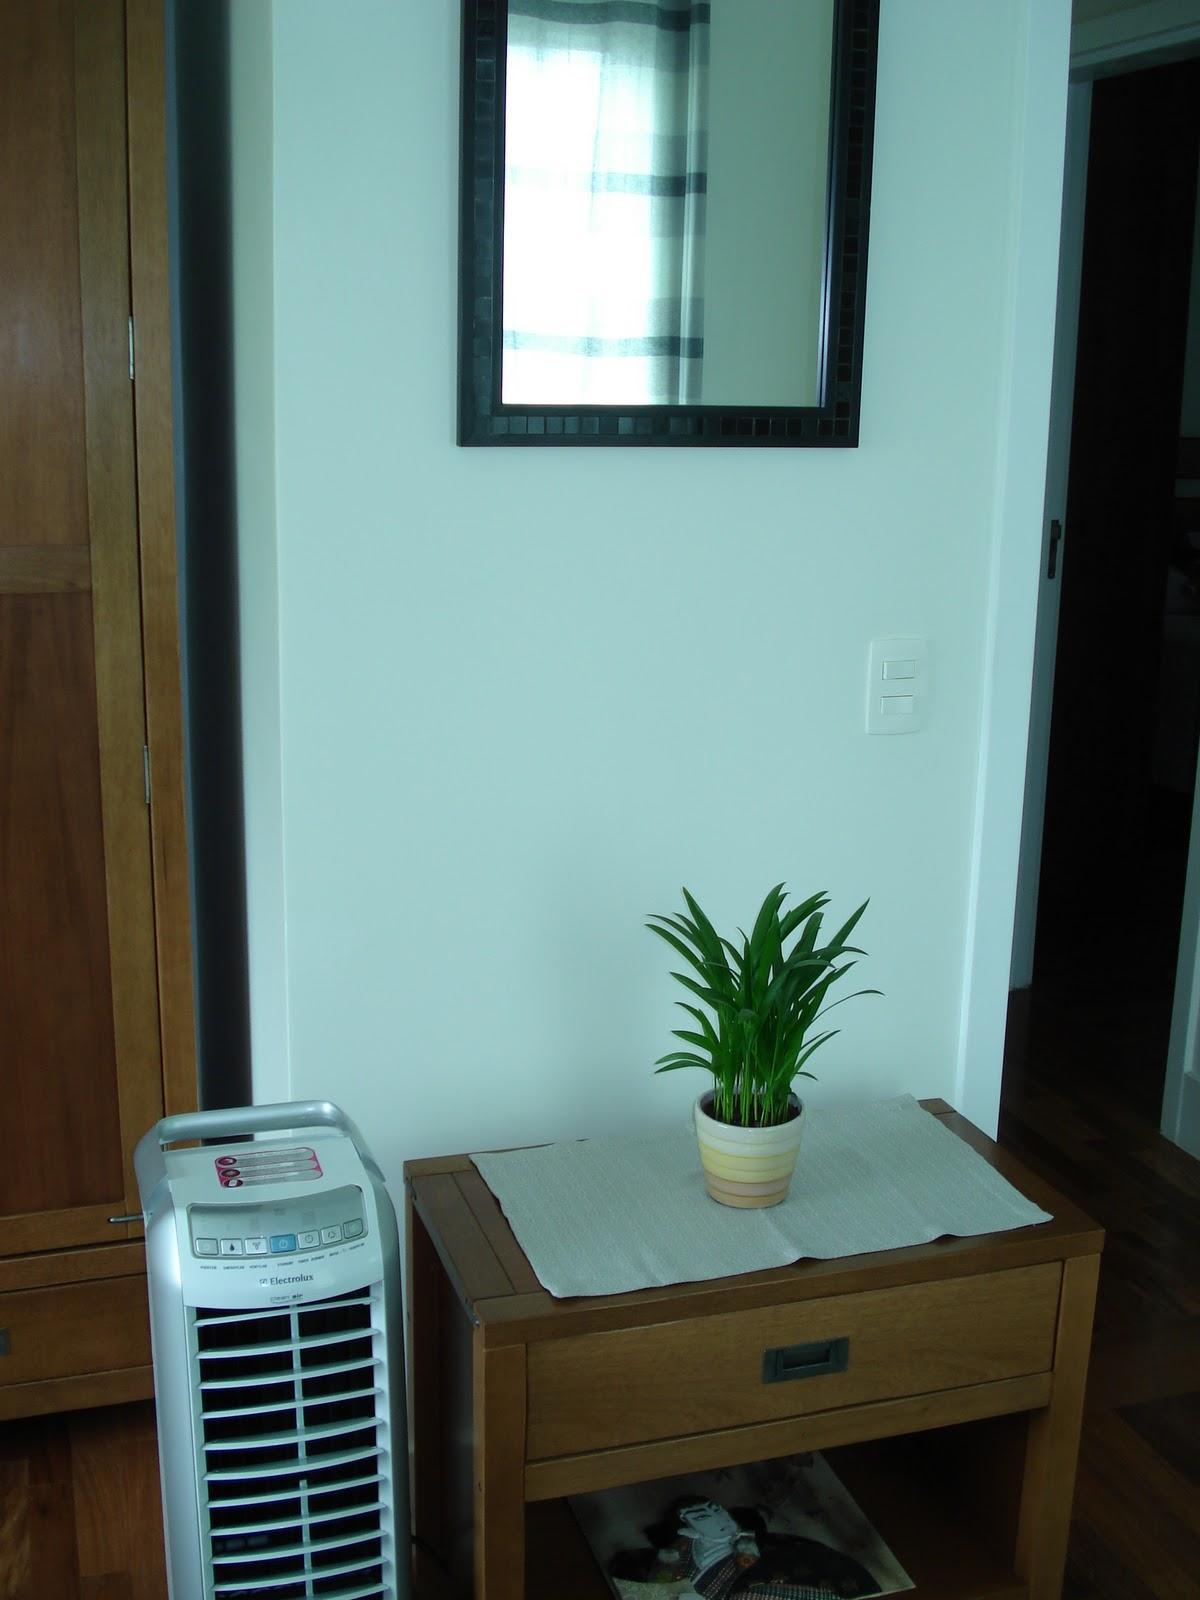 Nasce uma casa ***** O dia a dia de uma construção: Novos móveis  #329999 1200x1600 Acessorios Banheiro Tok Stok